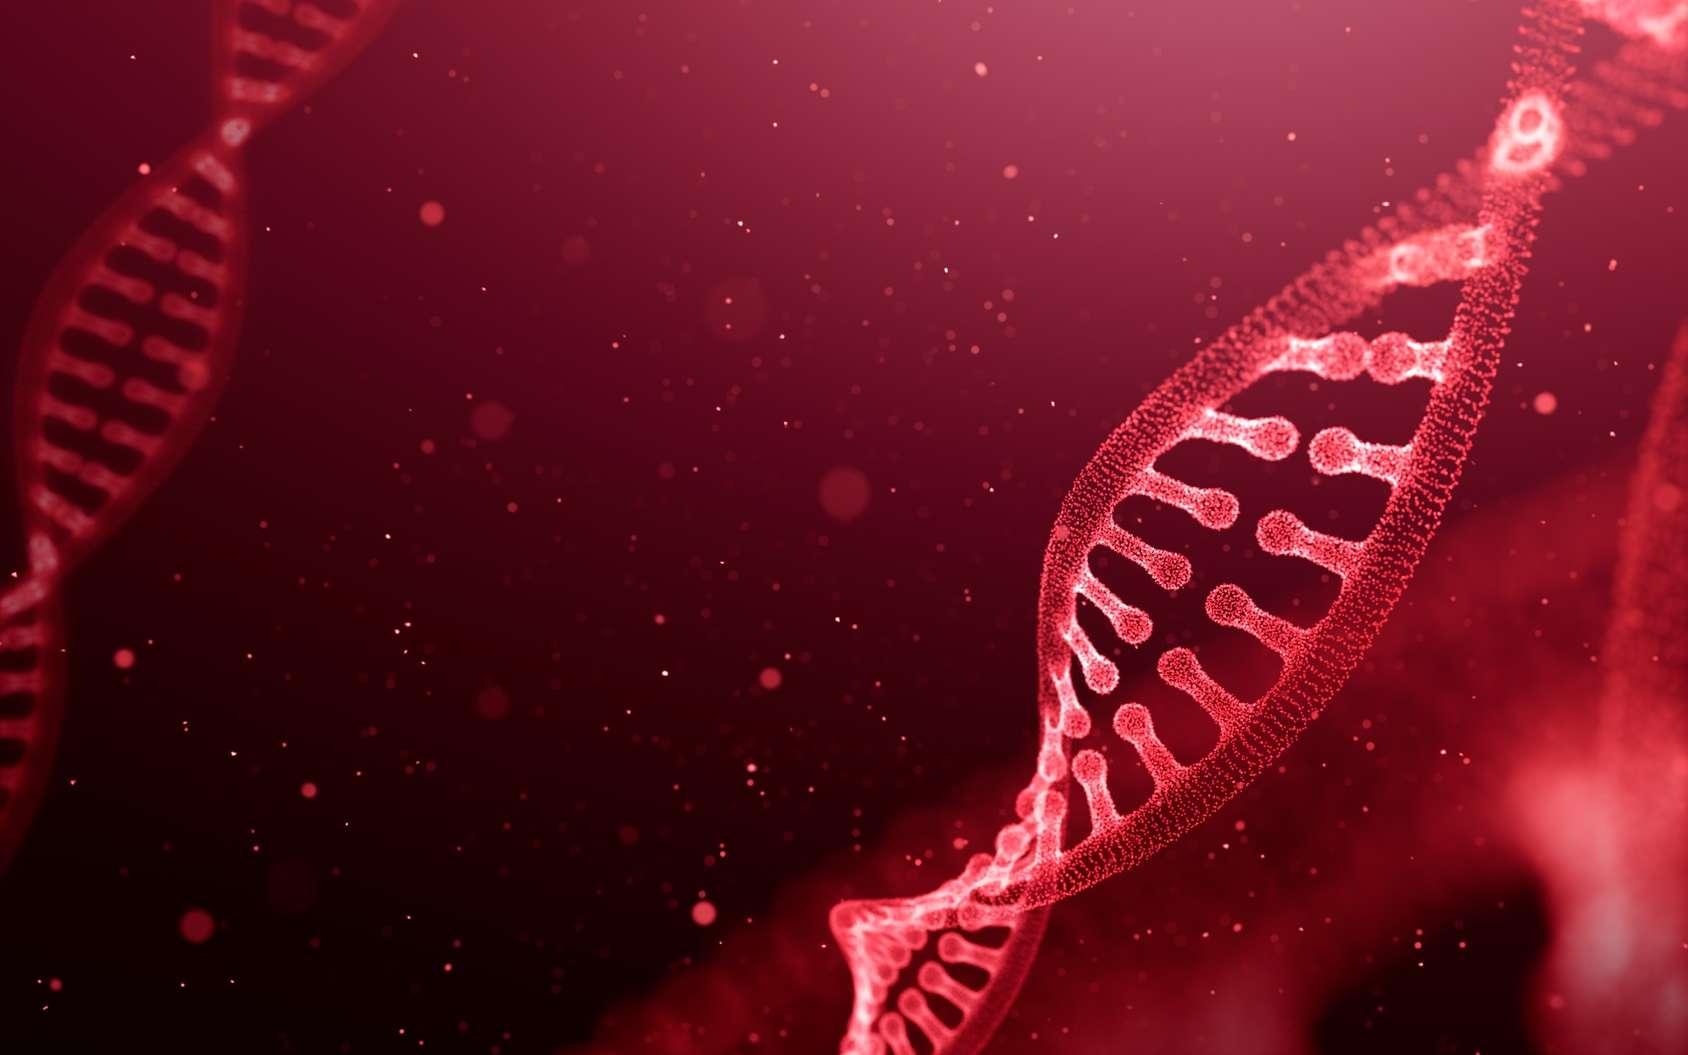 Des chercheurs ont mis au point un nouvel outil d'édition génomique pour couper de l'ADN. © phive2015, Fotolia